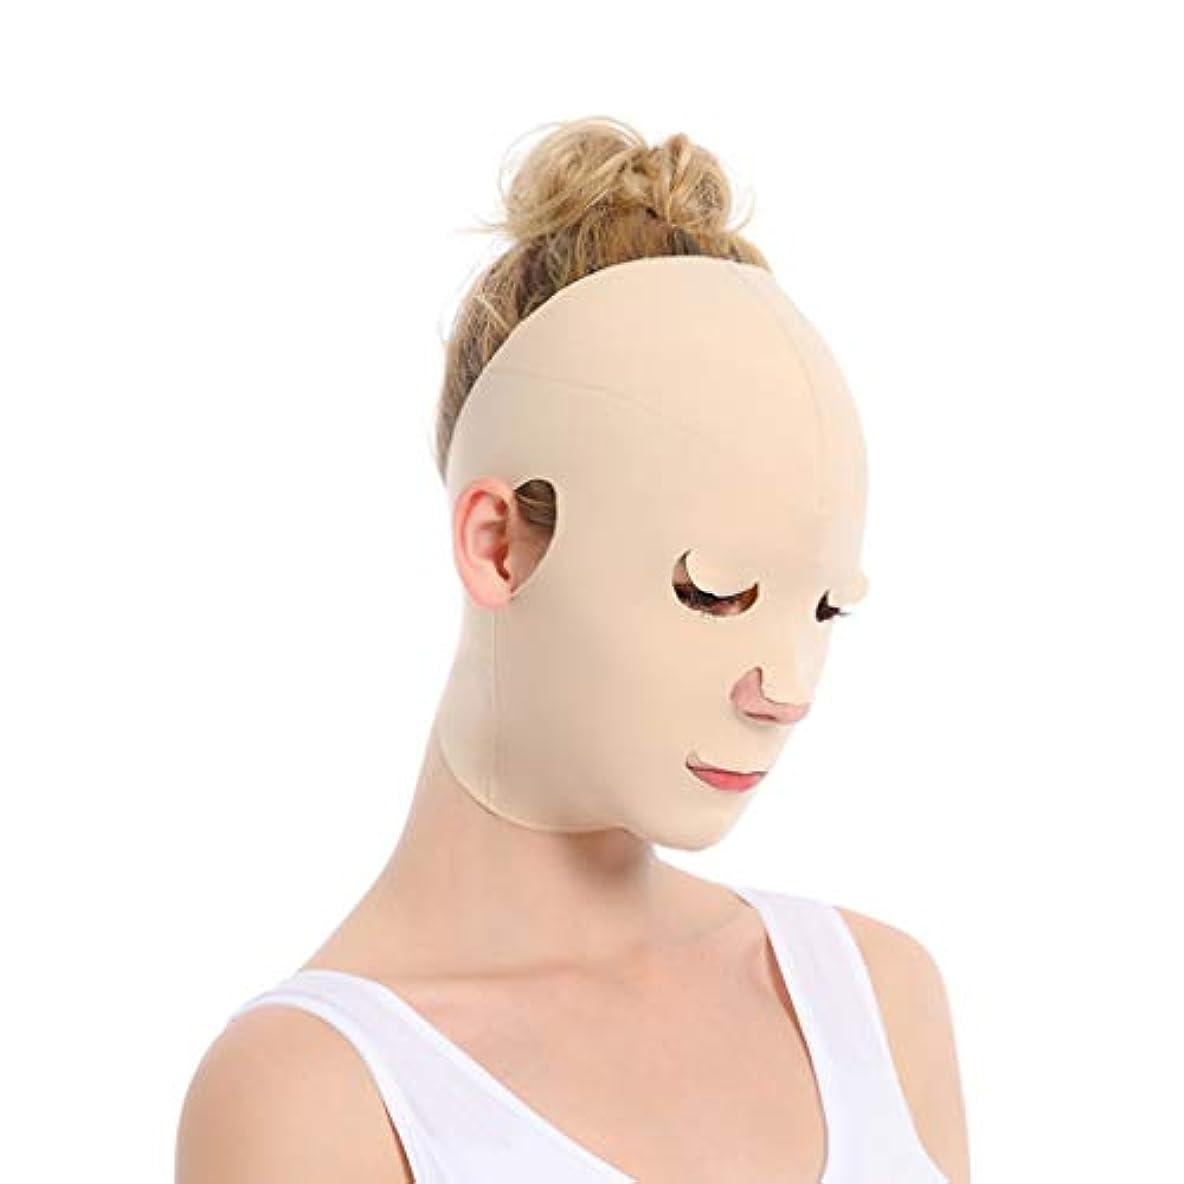 火傷弾性赤ちゃんXHLMRMJ フェイスファーミングマスク、フェイスリフト、しわ防止フェイシャル減量ベルト、二重あご減量包帯